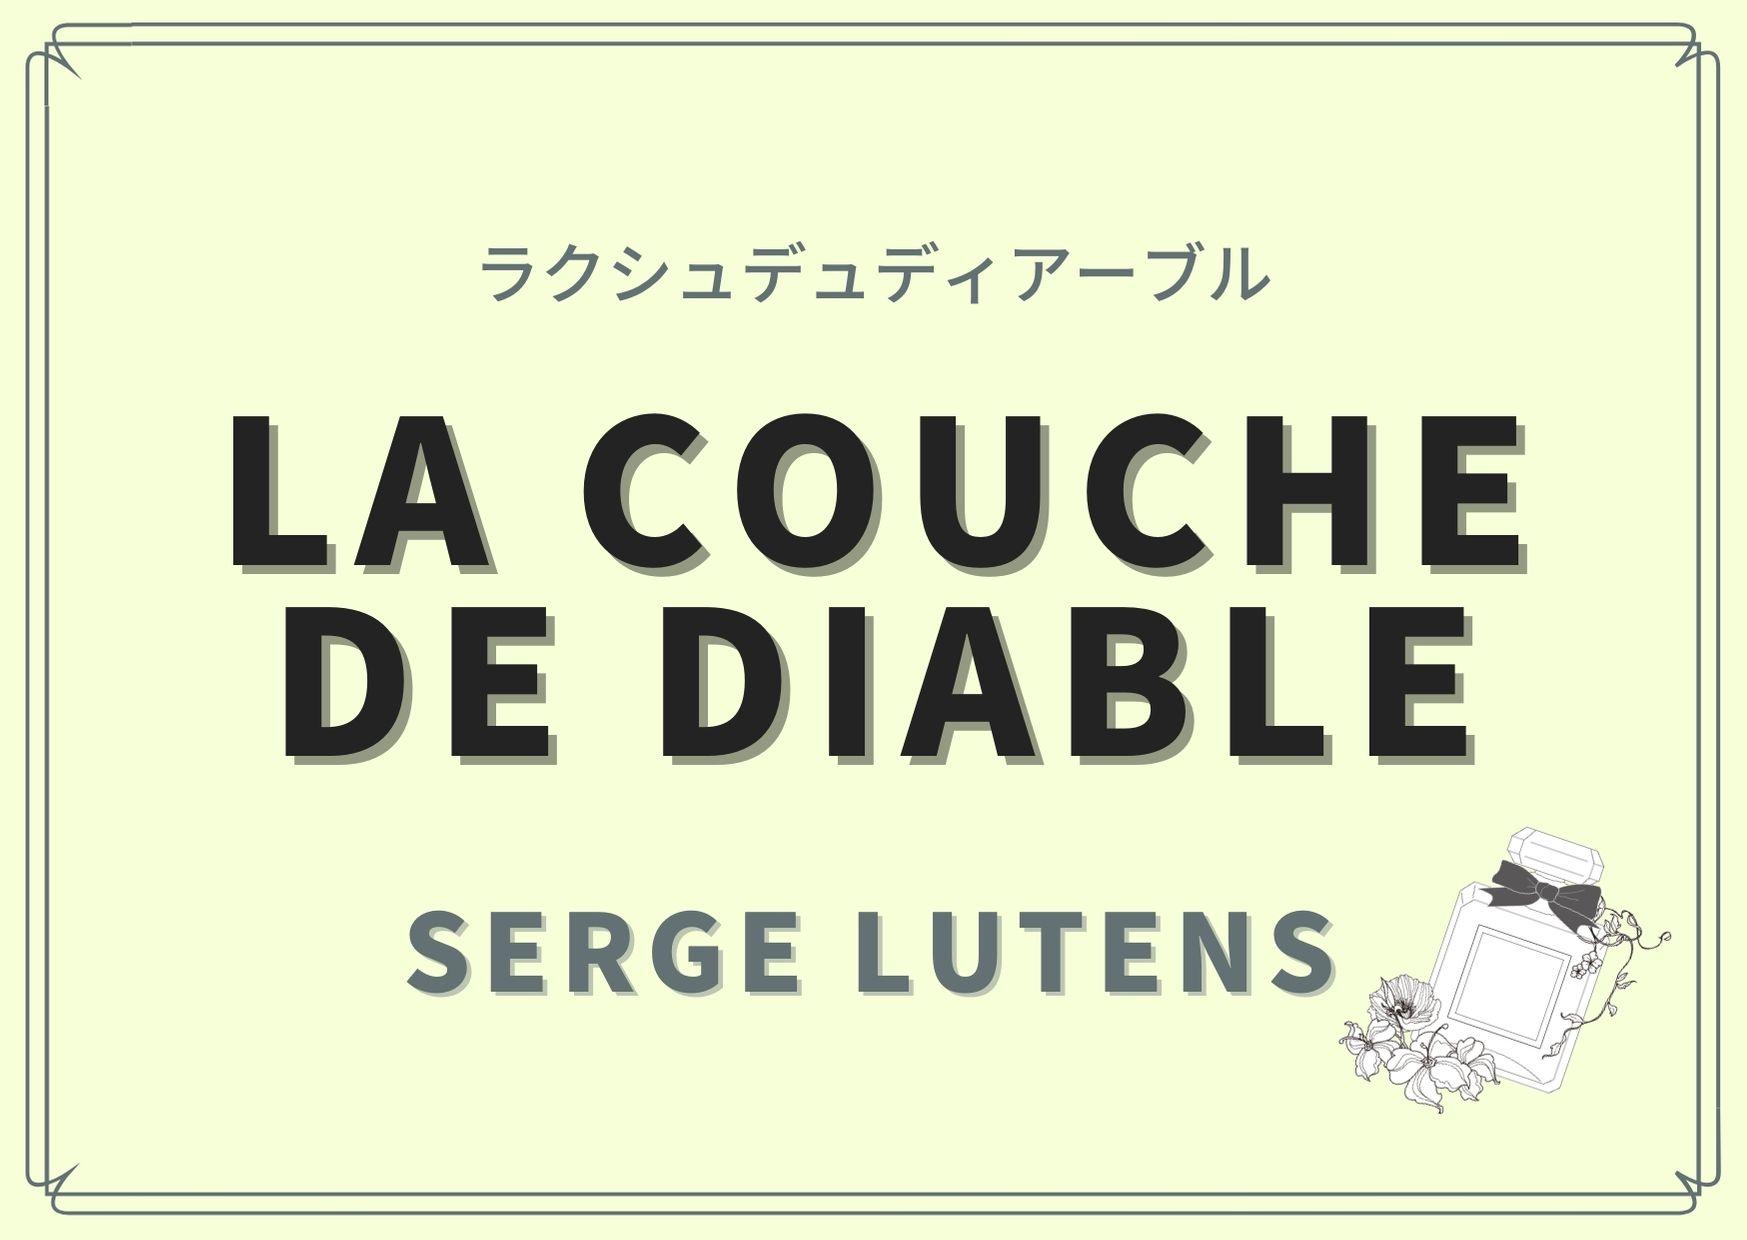 LA COUCHE DE DIABLE(ラクシュデュディアーブル)/SERGE LUTENS(セルジュ ルタンス)